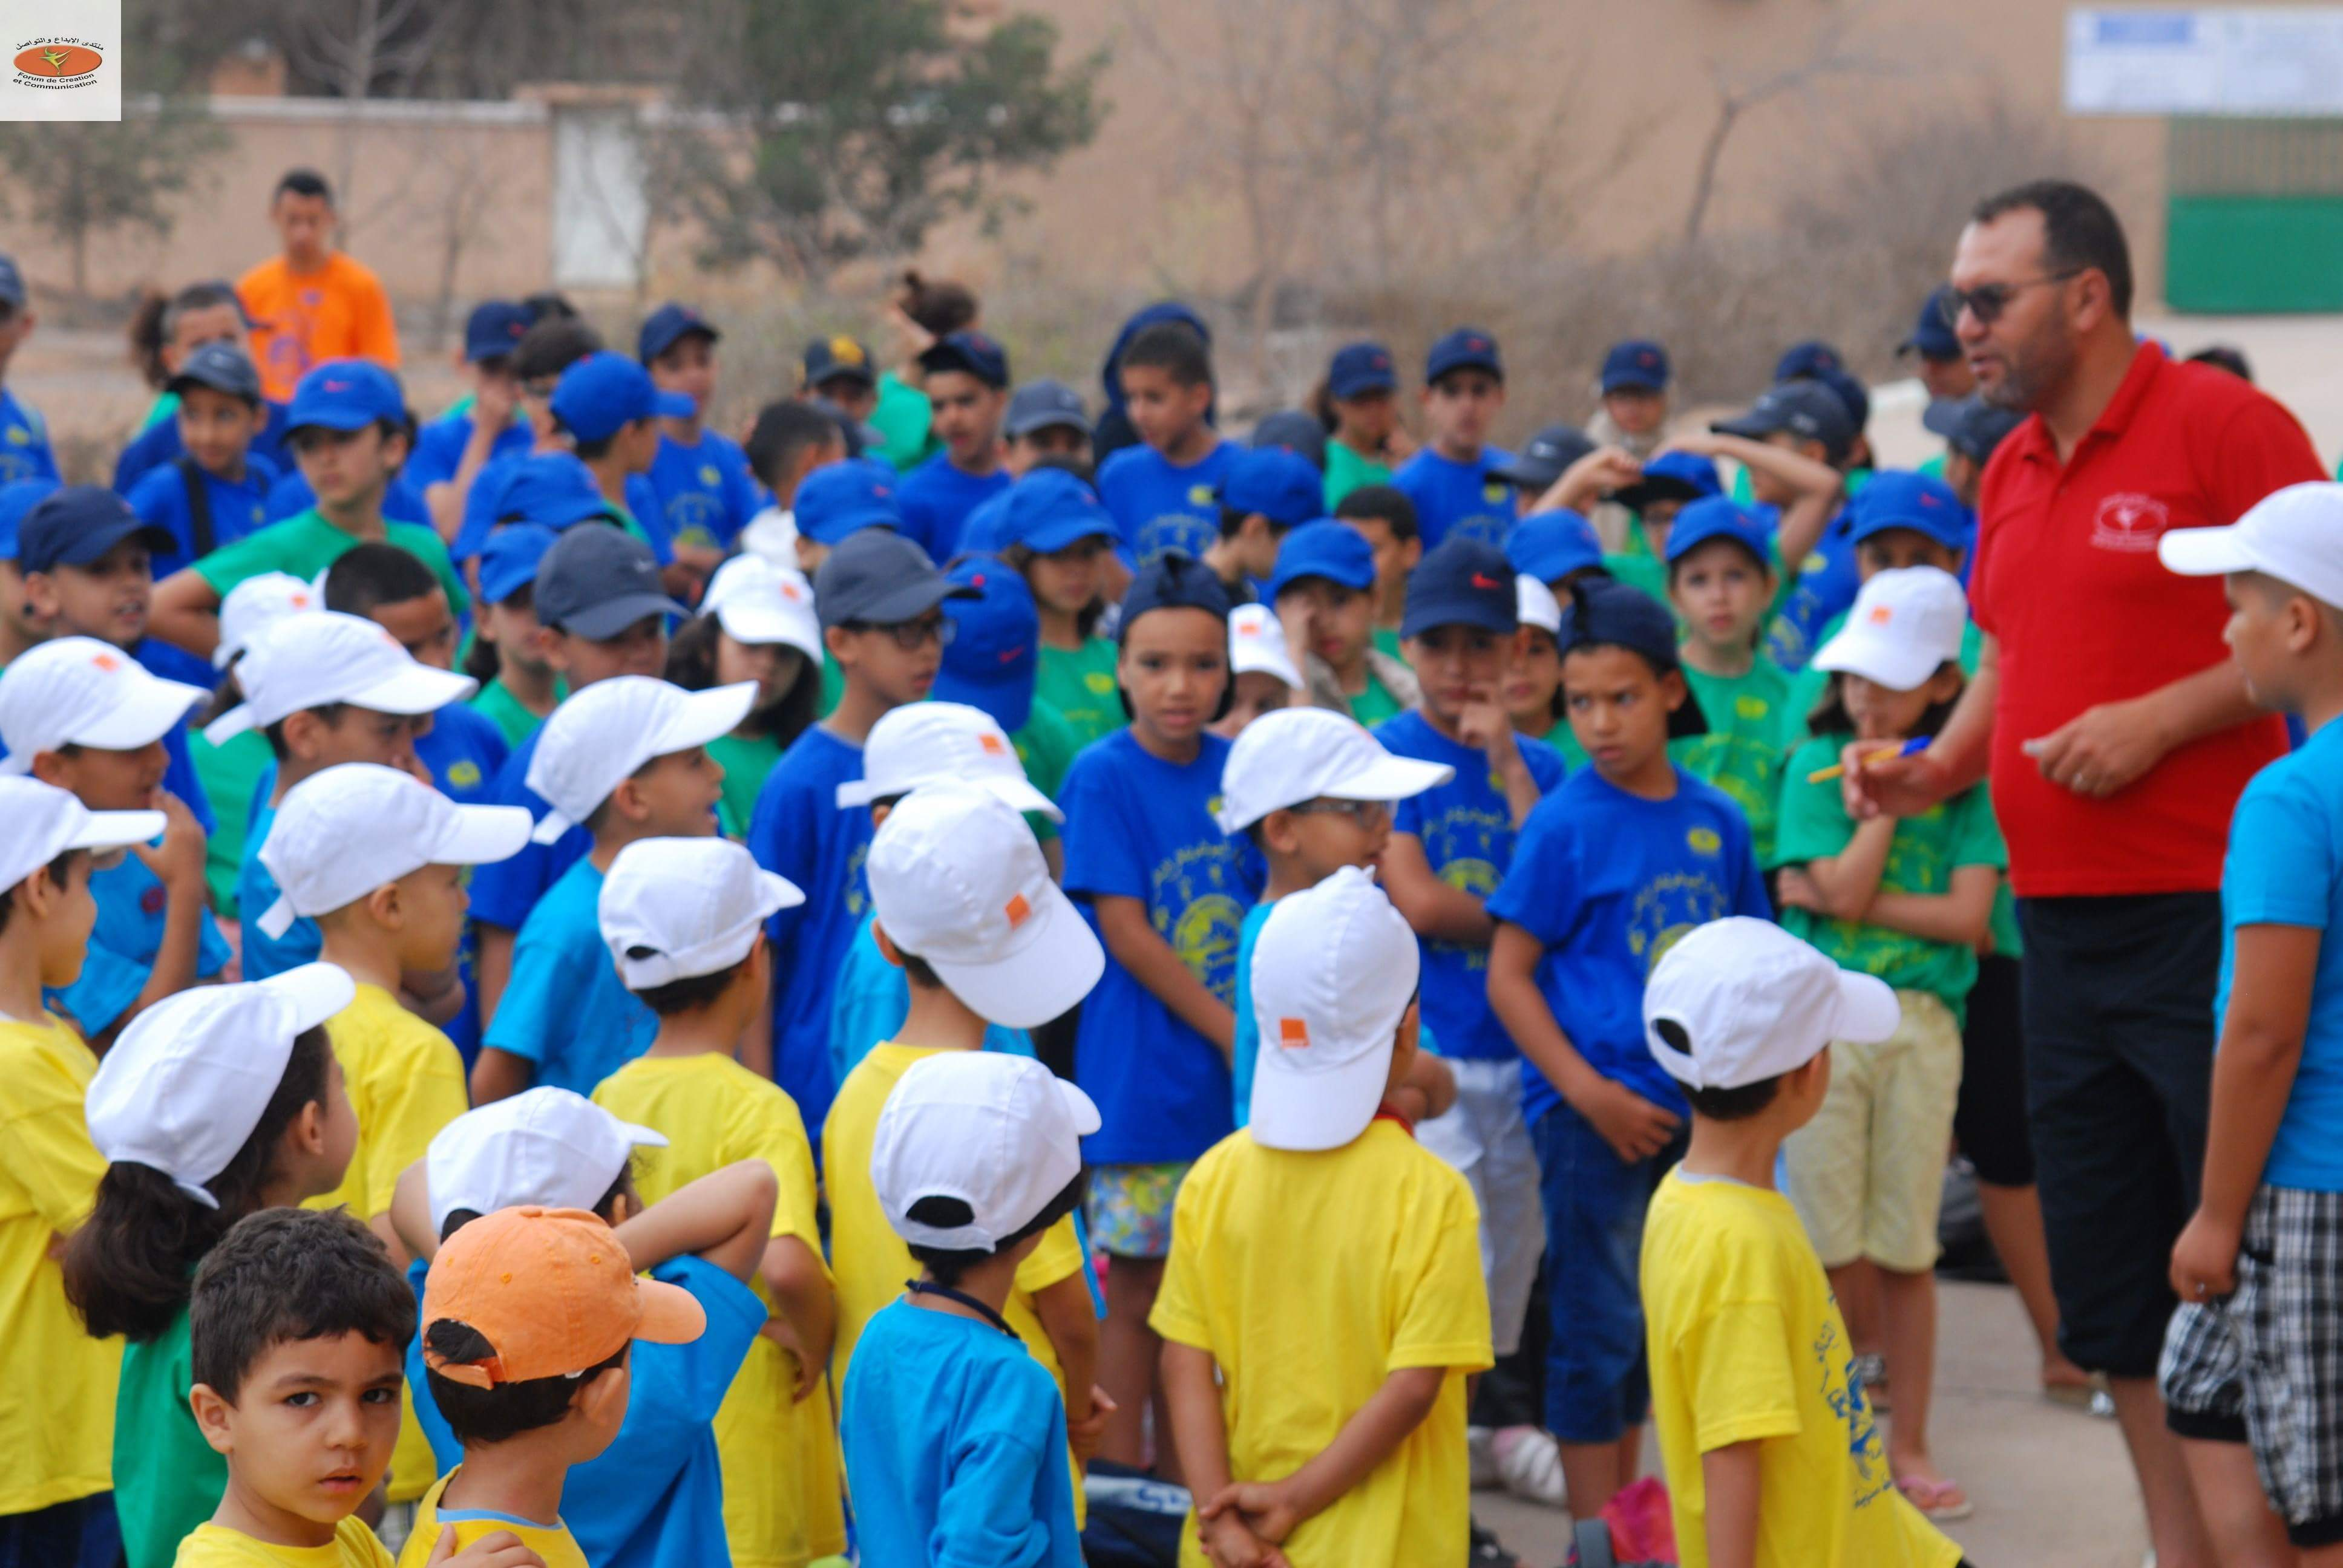 120 طفلا يشاركون في فعاليات الملتقى الموضوعاتي الثاني للتخييم بتيزنيت